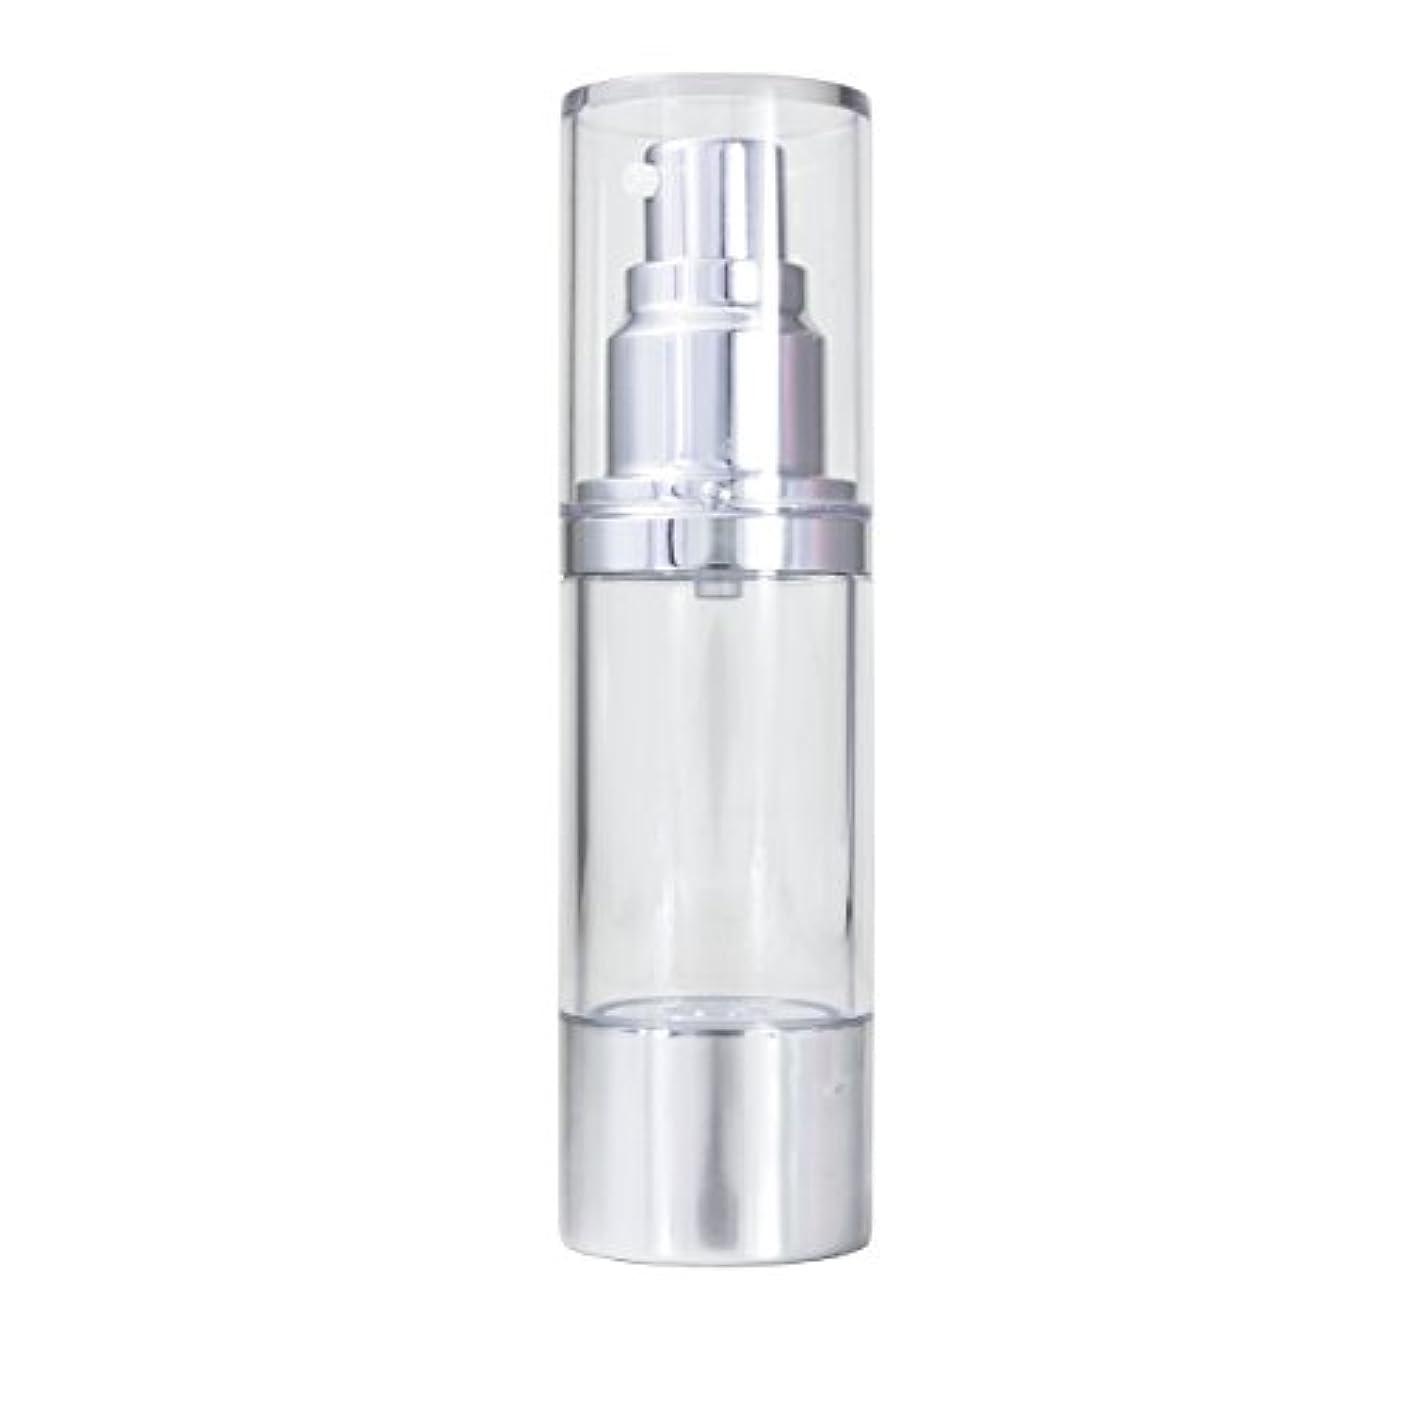 海里線形発掘するエアレス 容器 30ml 【化粧品容器】